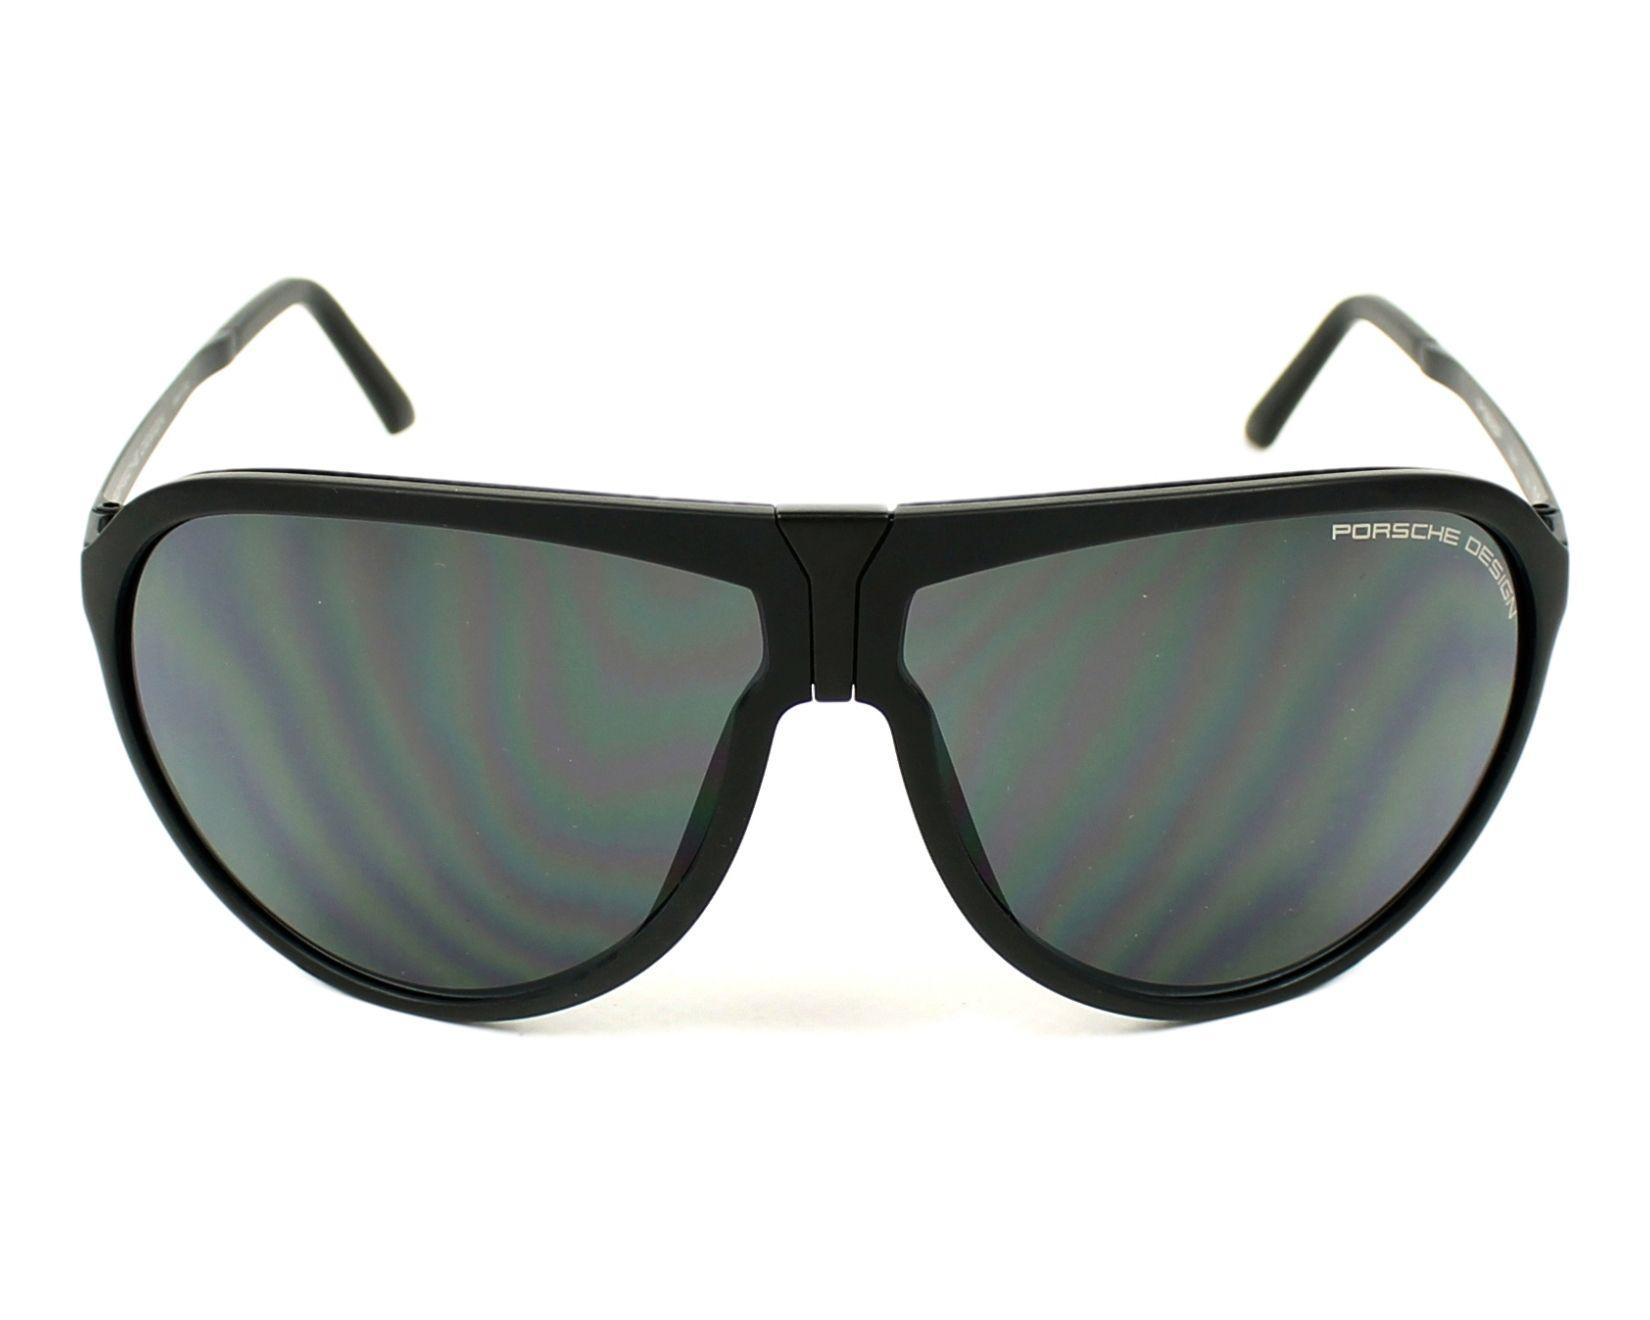 achat lunettes de soleil porsche design p 8619 a visionet. Black Bedroom Furniture Sets. Home Design Ideas